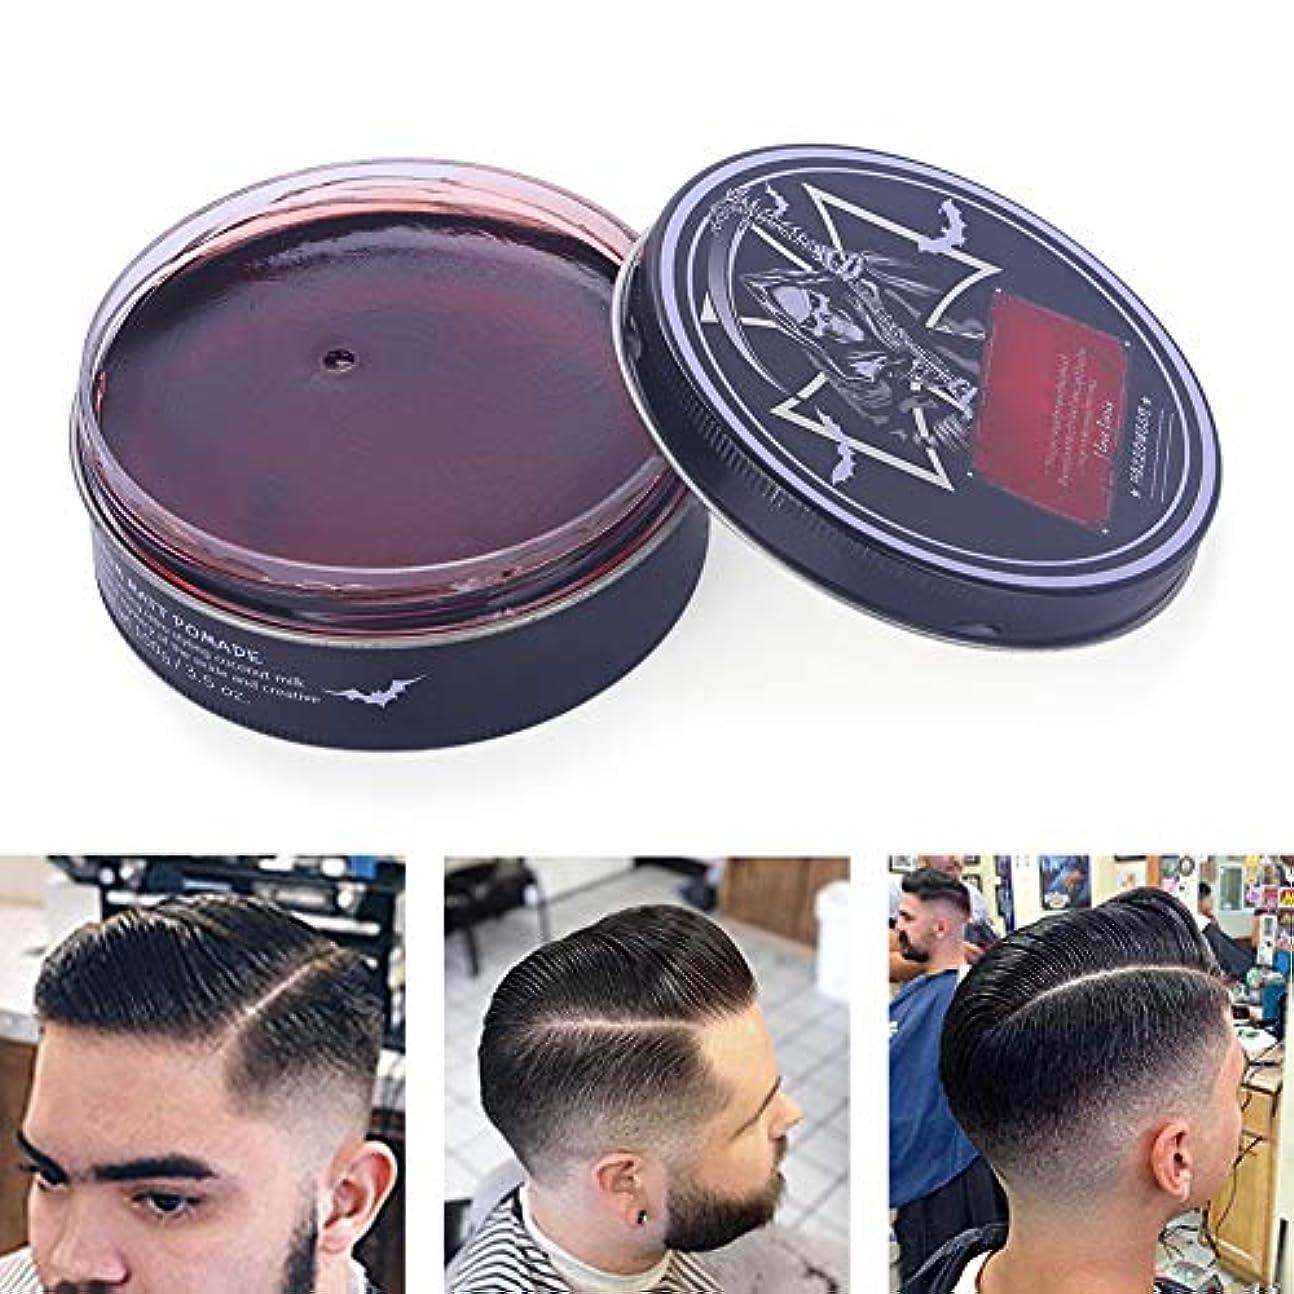 稚魚西推論プロのヘアスタイリング100ミリリットルを設計するための男性のためのヘアスタイリングワックス、ナチュラルおよび有機成分ヘアスタイリング粘土